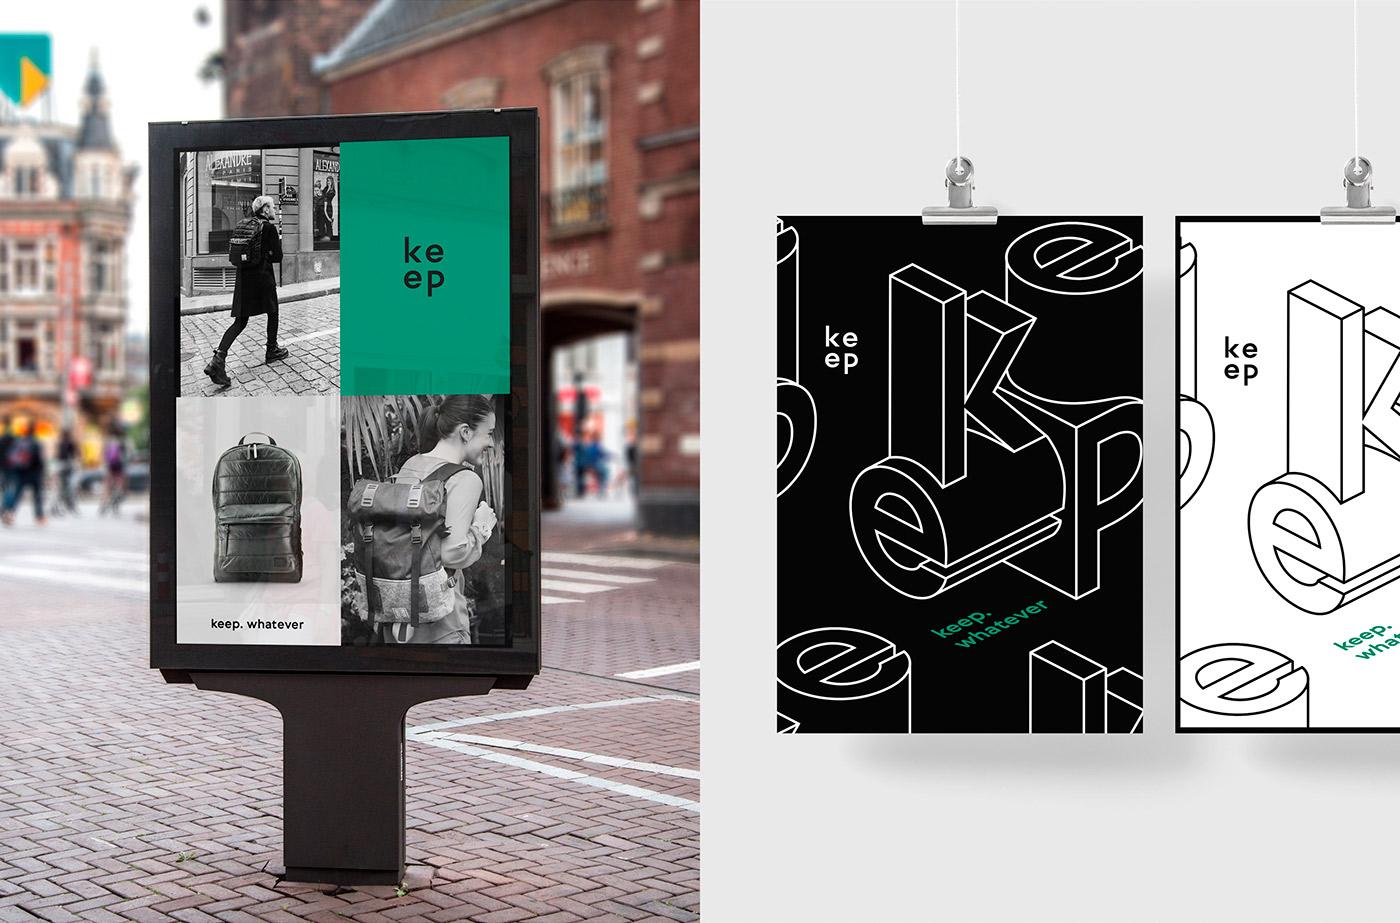 Urban Design & Branding for Keep Packs